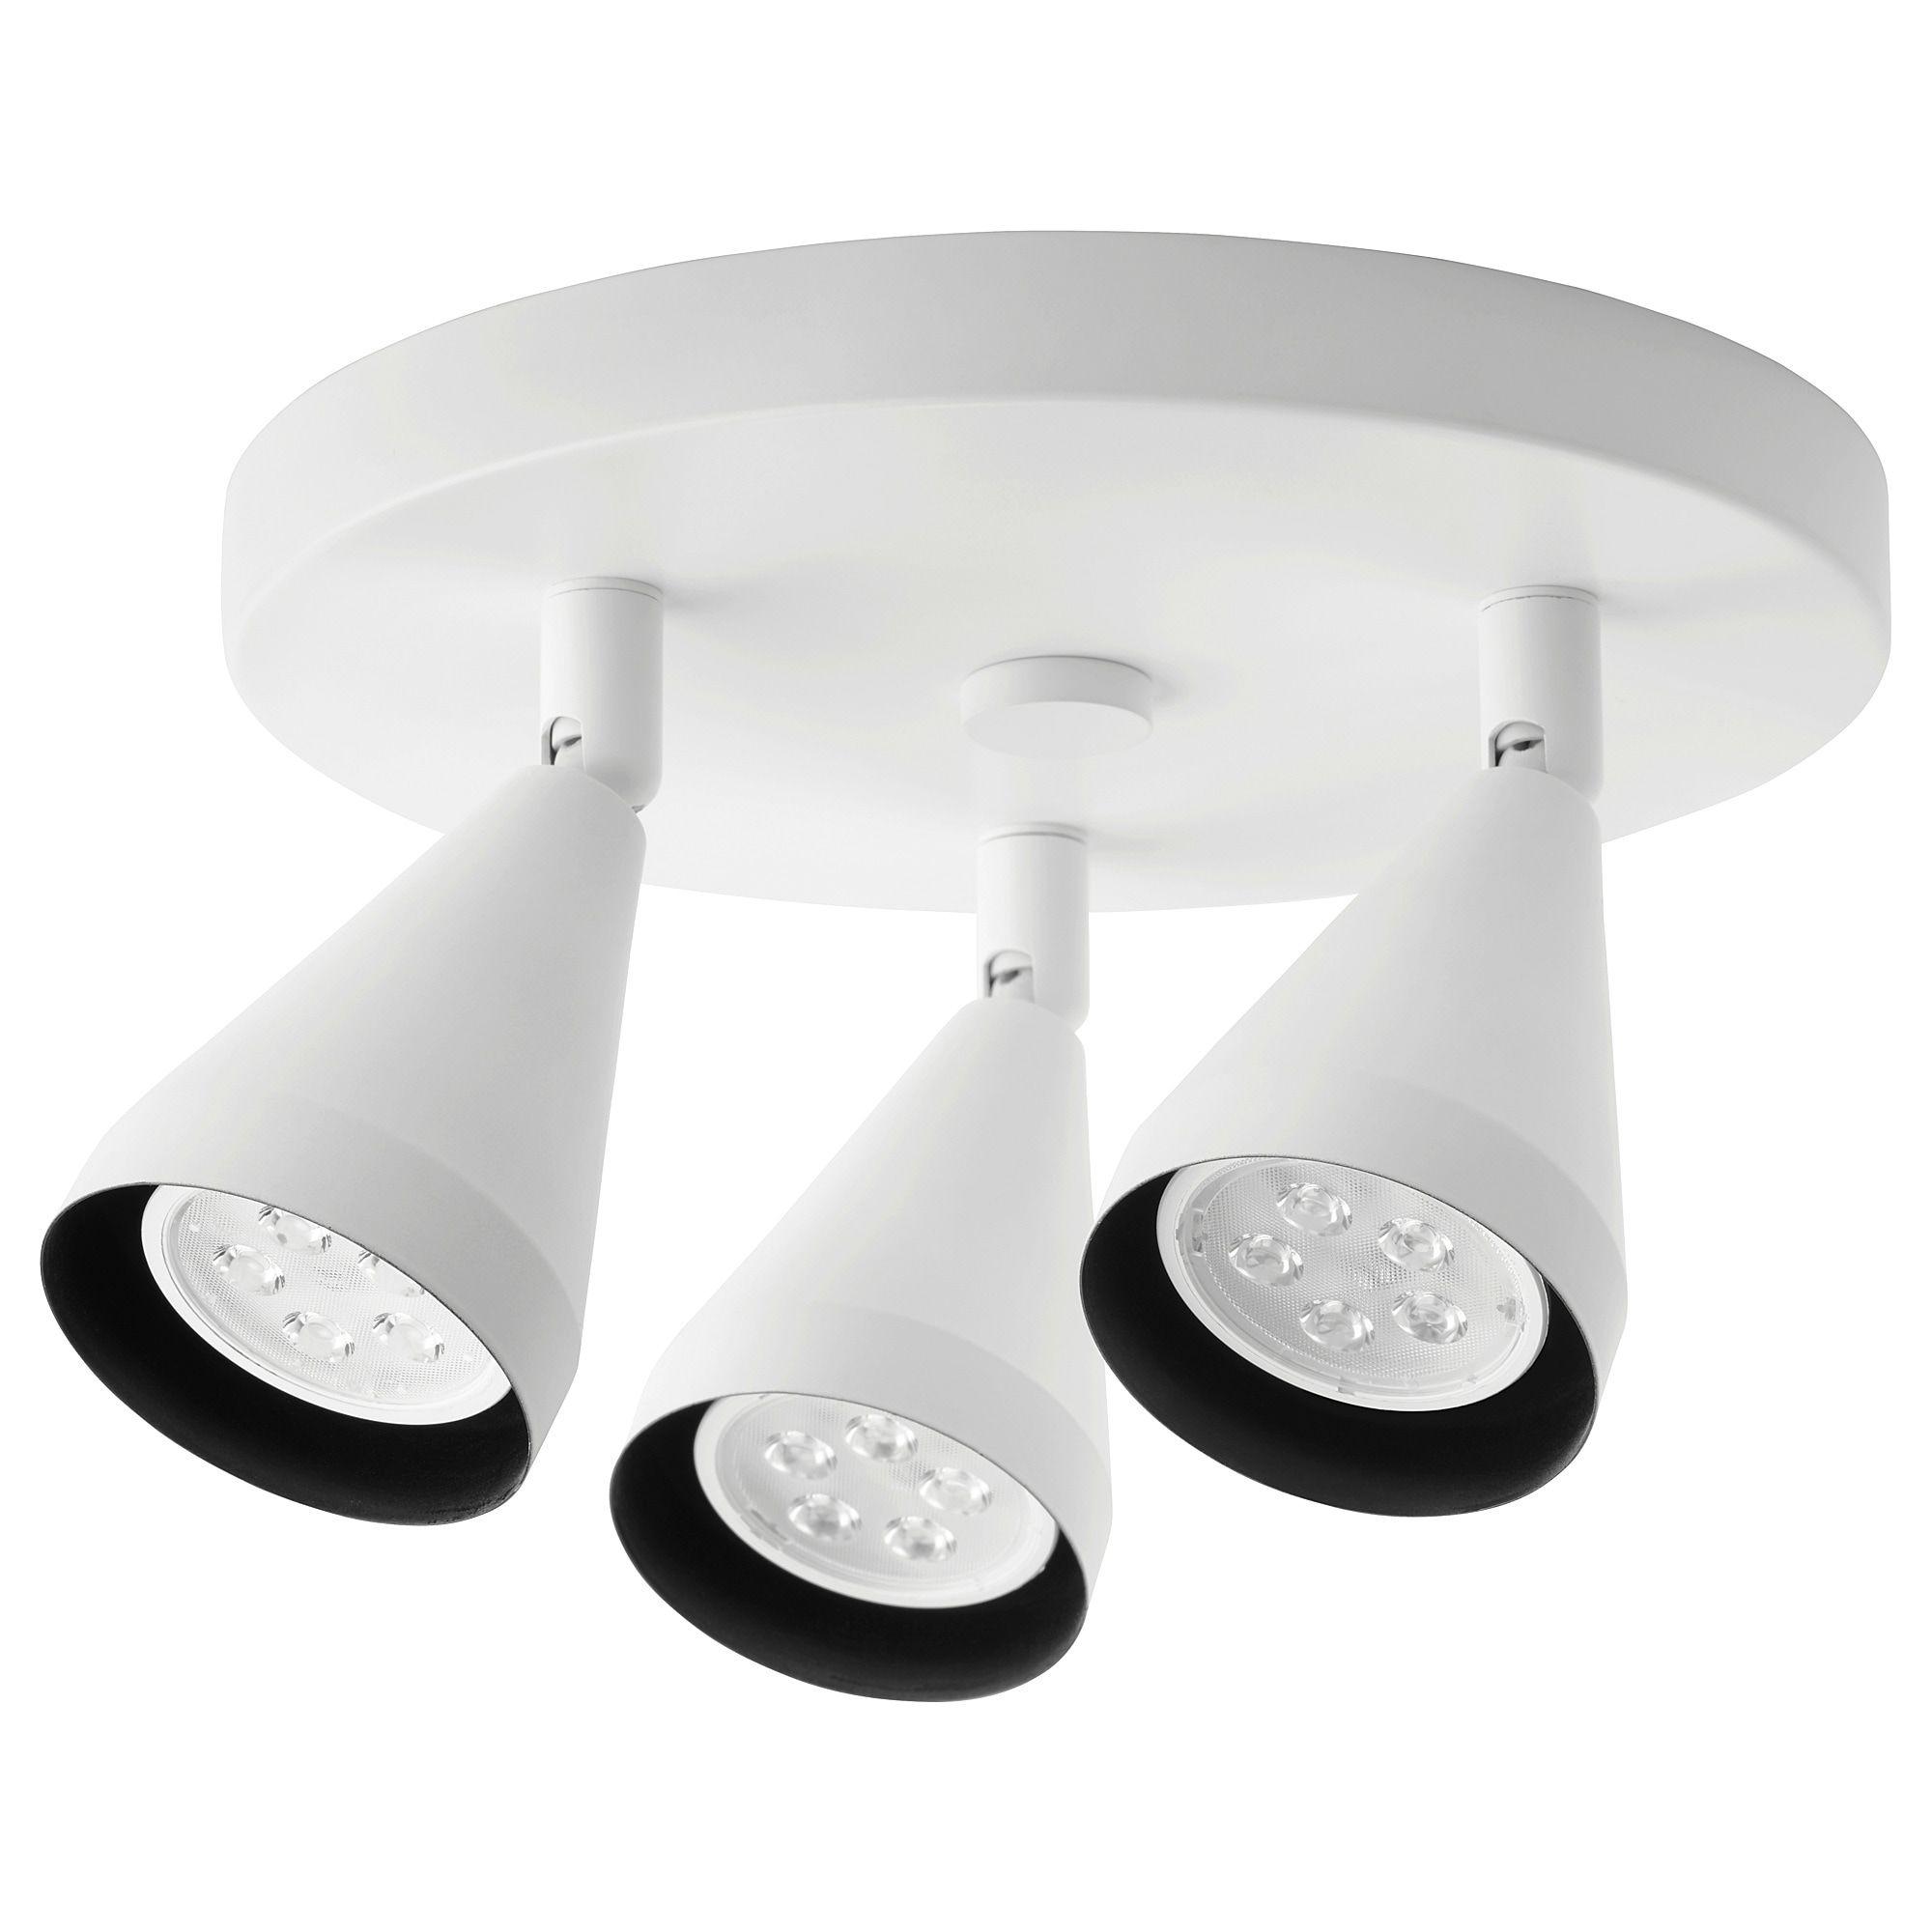 Navlinge Ceiling Spotlight With 3 Spots White Ceiling Spotlights Led Ceiling Spotlights Ceiling Lamp